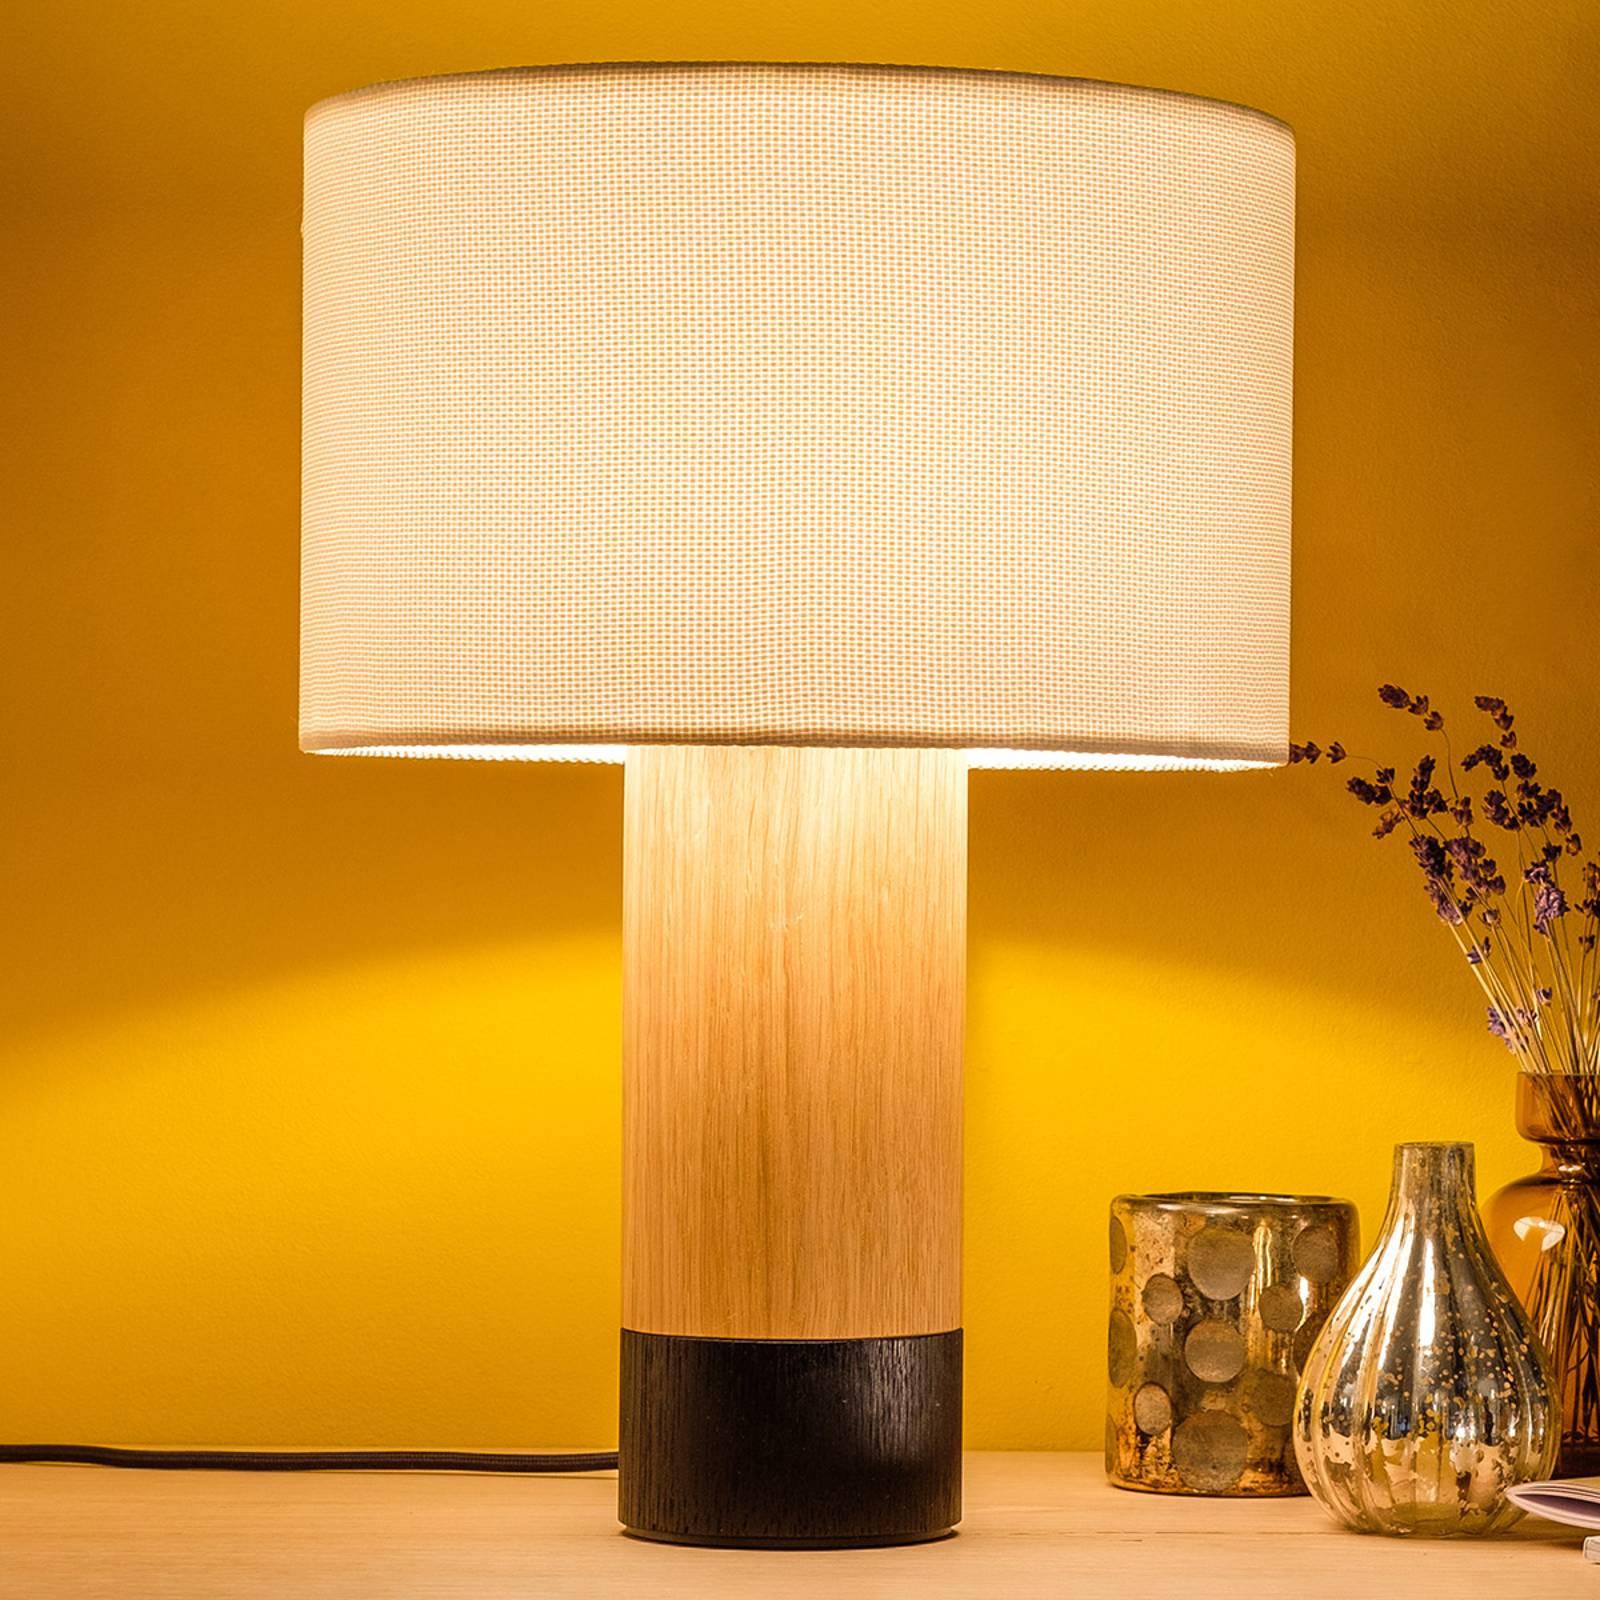 Pöytälamppu Klippa musta Trooper Alabaster, 41 cm